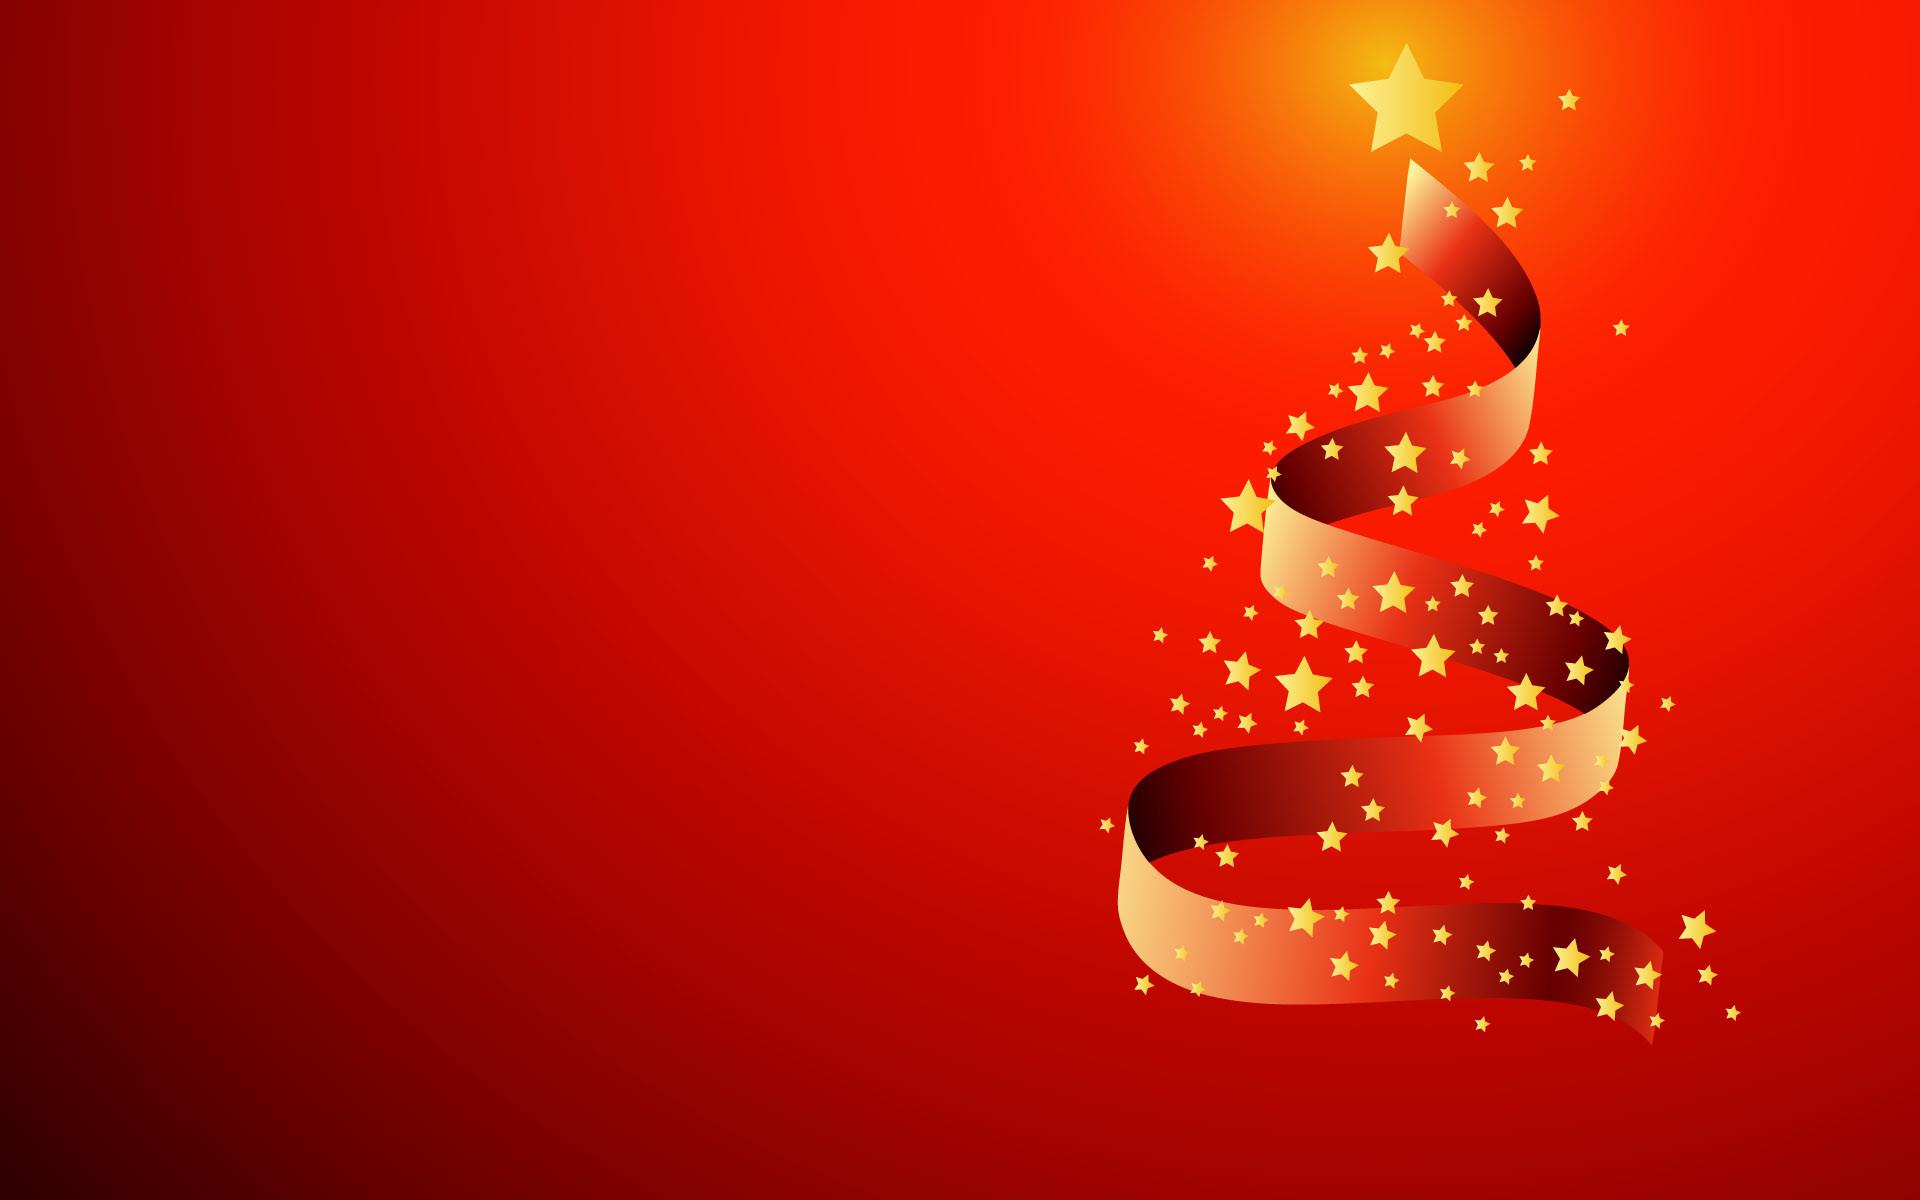 Natale sfondi 52 immagini for Sfondi natale 3d